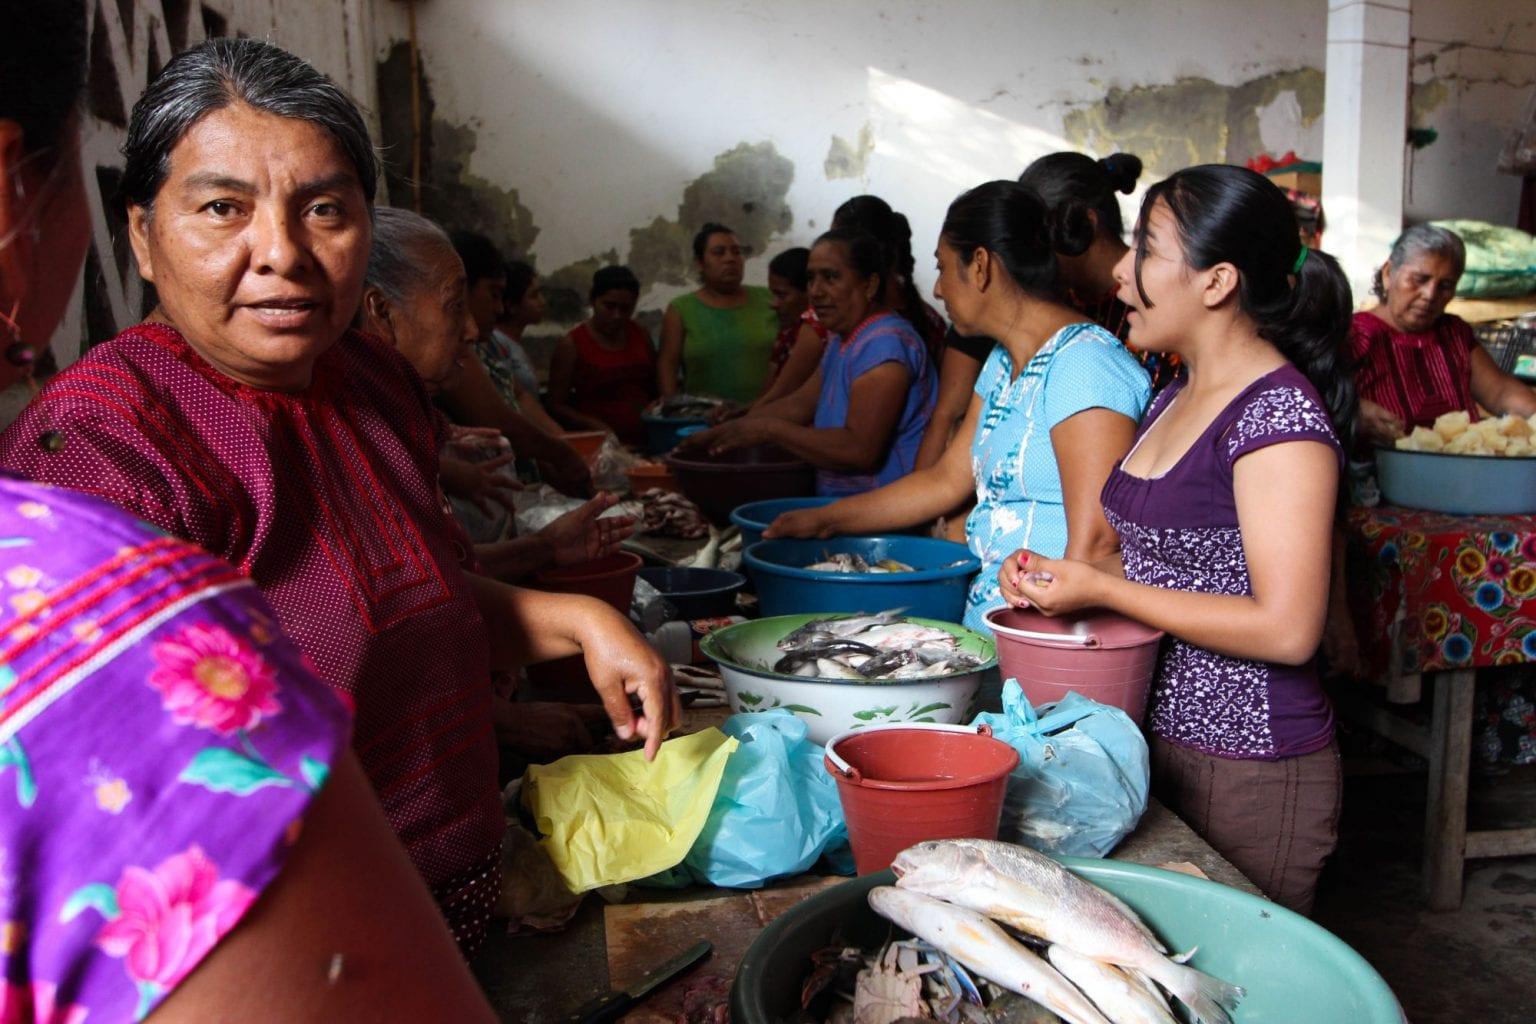 Ifølge ILOs konvention 169, som Mexico har underskrevet, har oprindelige folk har ret til at blive konsulteret før myndighederne giver tilladelse til store byggeprojekter. De har også ret til at forhandle om, hvordan projektet skal gennemføres. Foto: APIITDTT